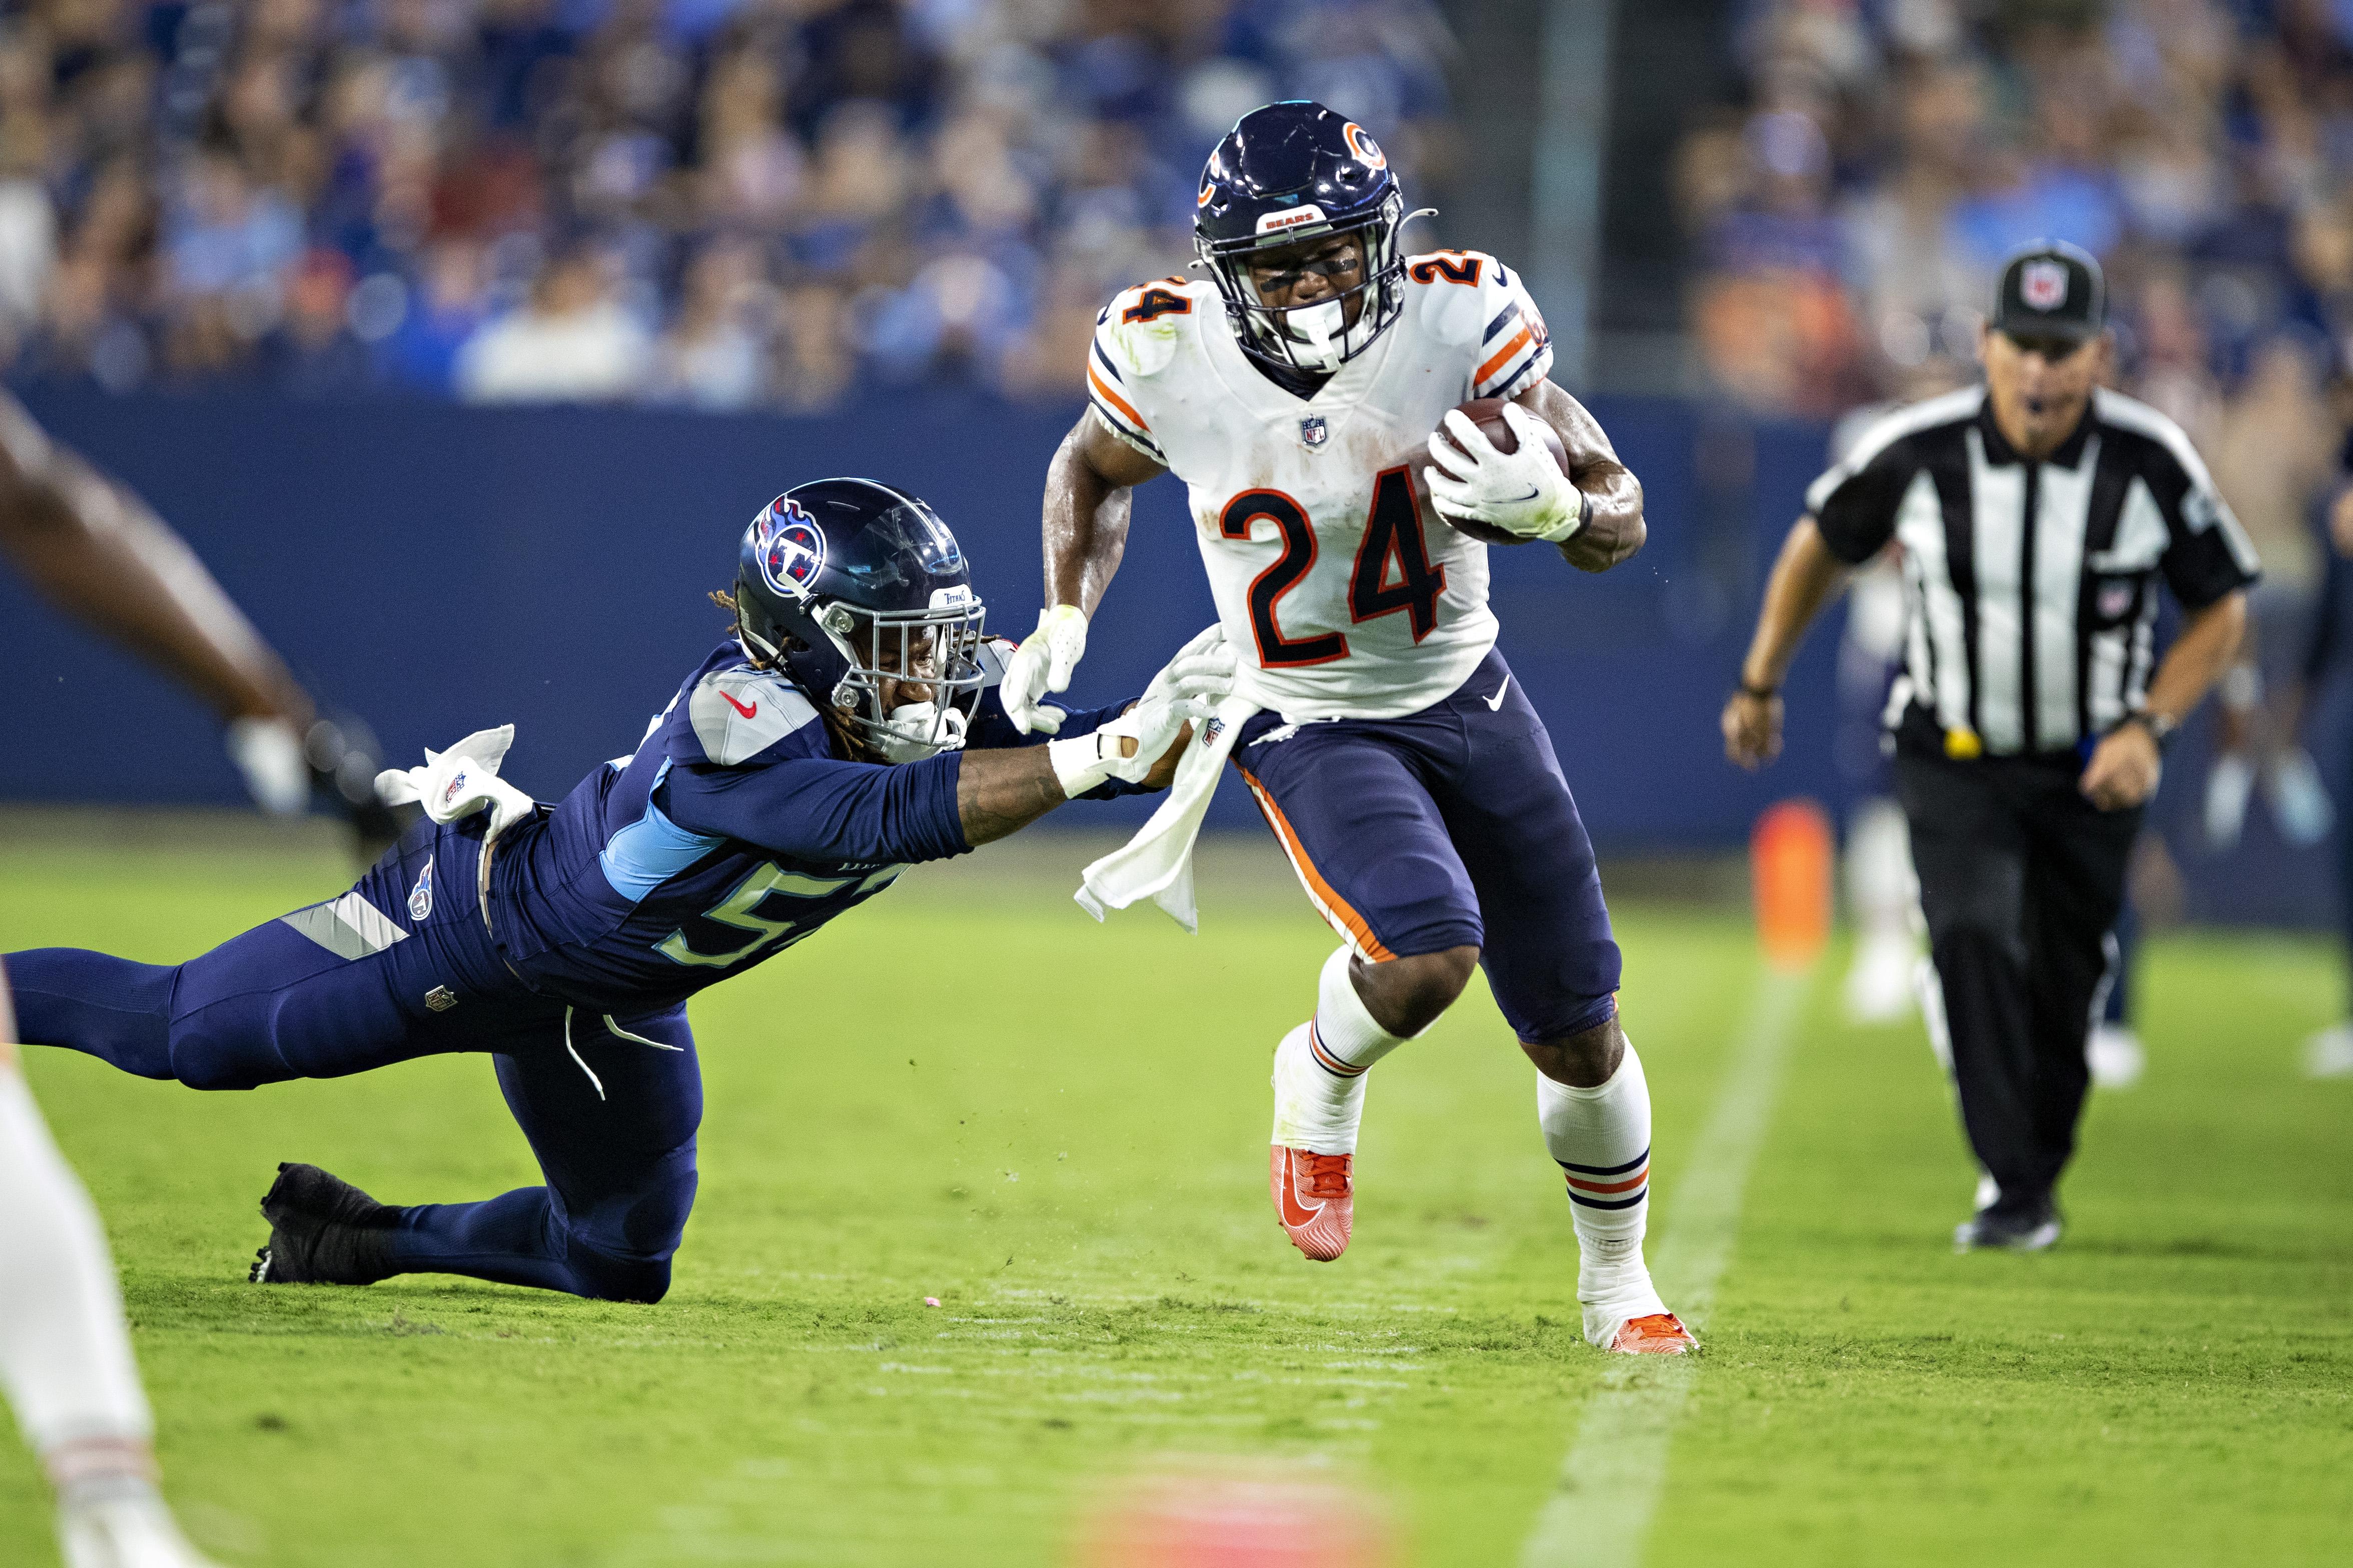 Bears rookie running back Khalil Herbert (24) had 18 carries for 75 yards (4.2 avg.) against the Raiders last week.